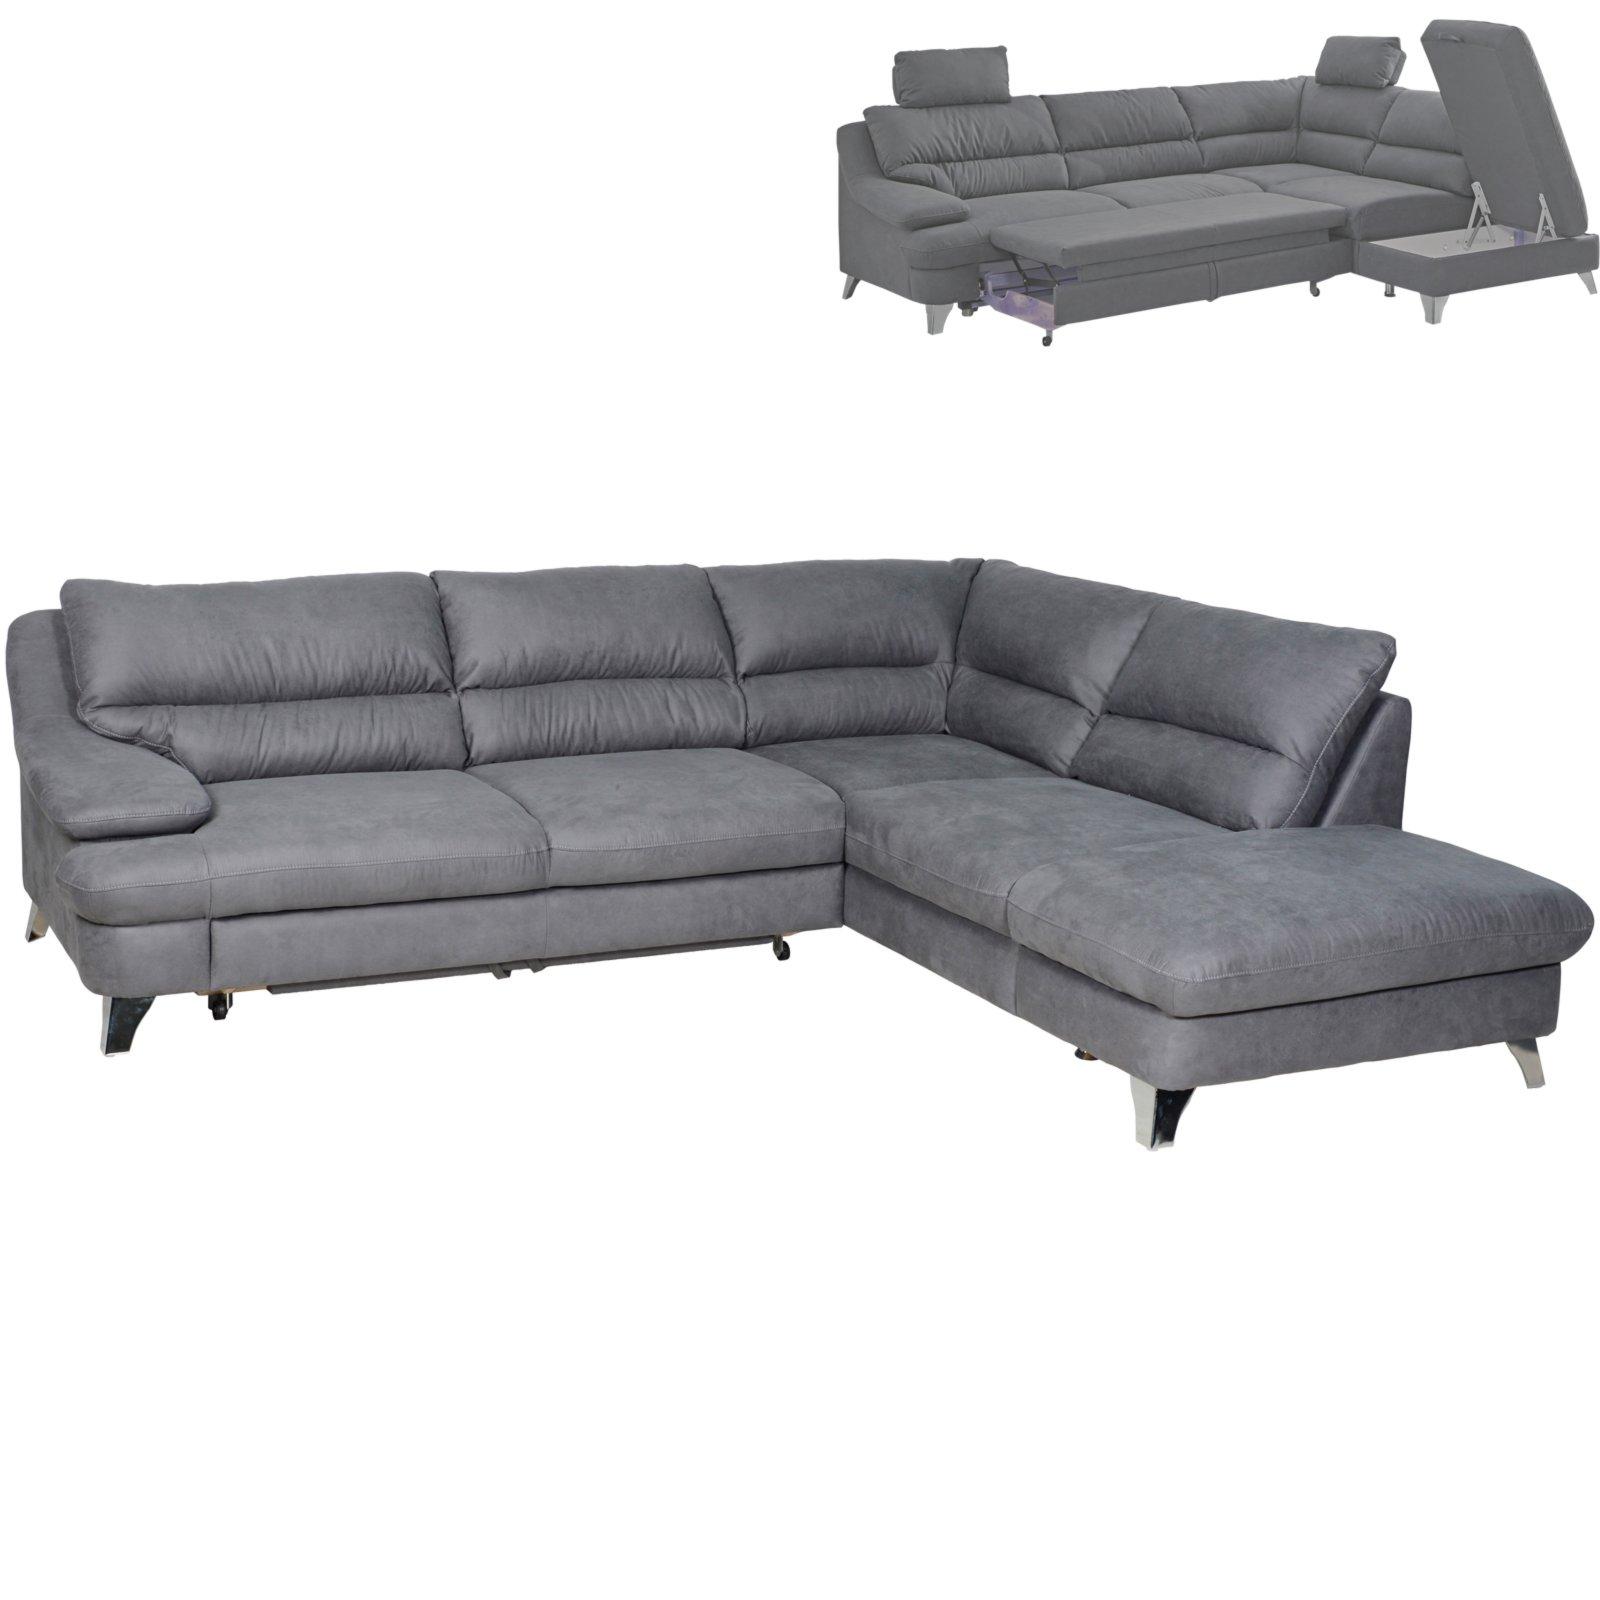 ecksofa grau mit liegefunktion und staukasten. Black Bedroom Furniture Sets. Home Design Ideas